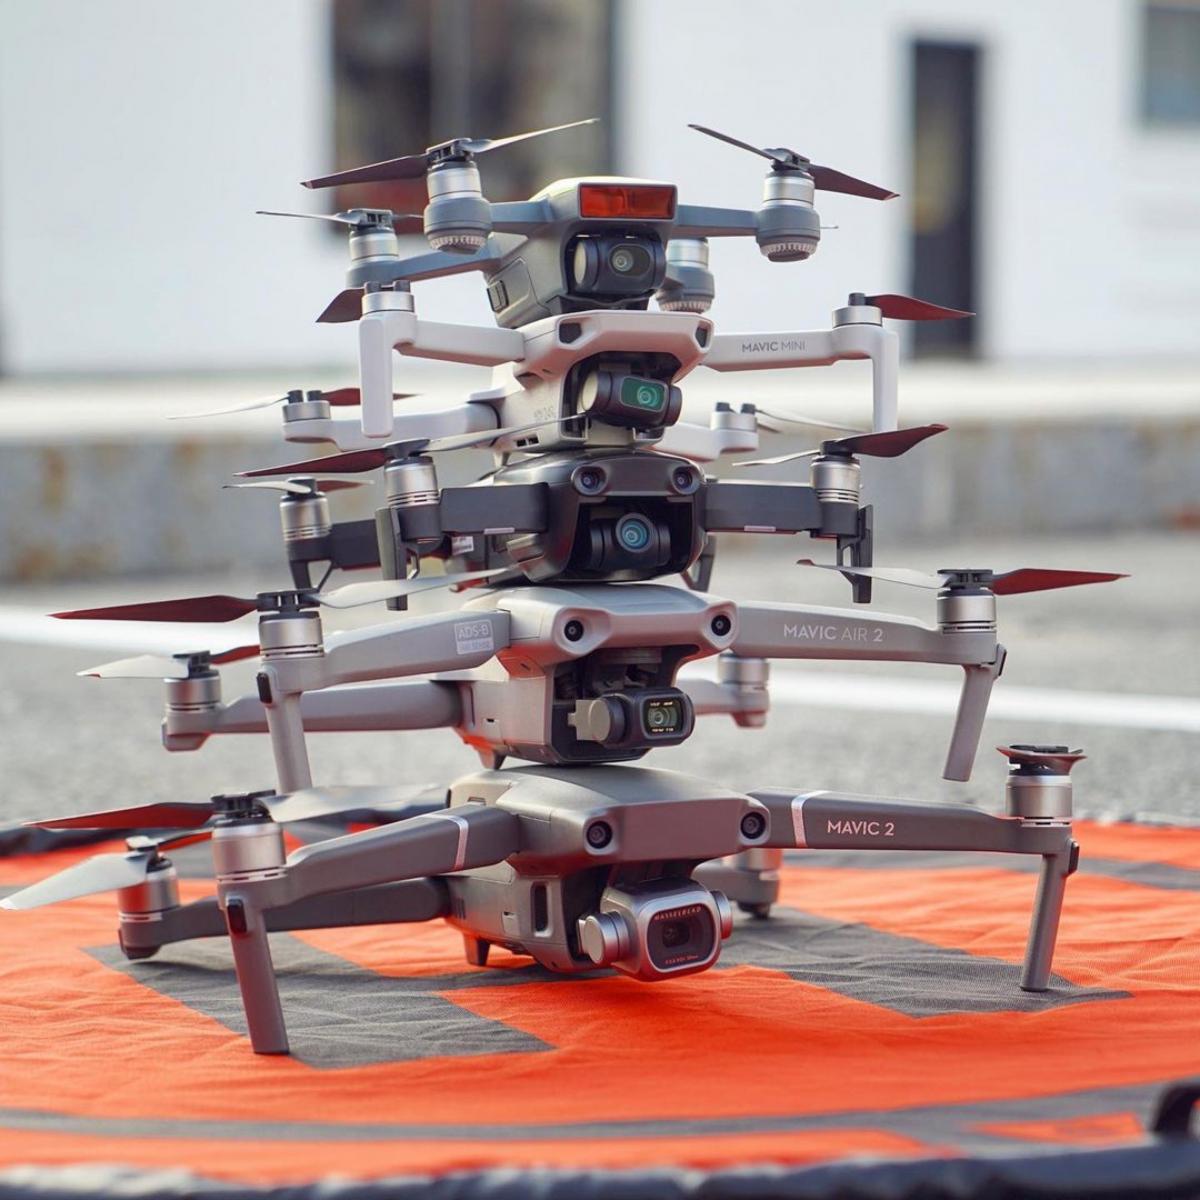 Etats-Unis: la sécurité des systèmes de drones à nouveau mise sur le tapis